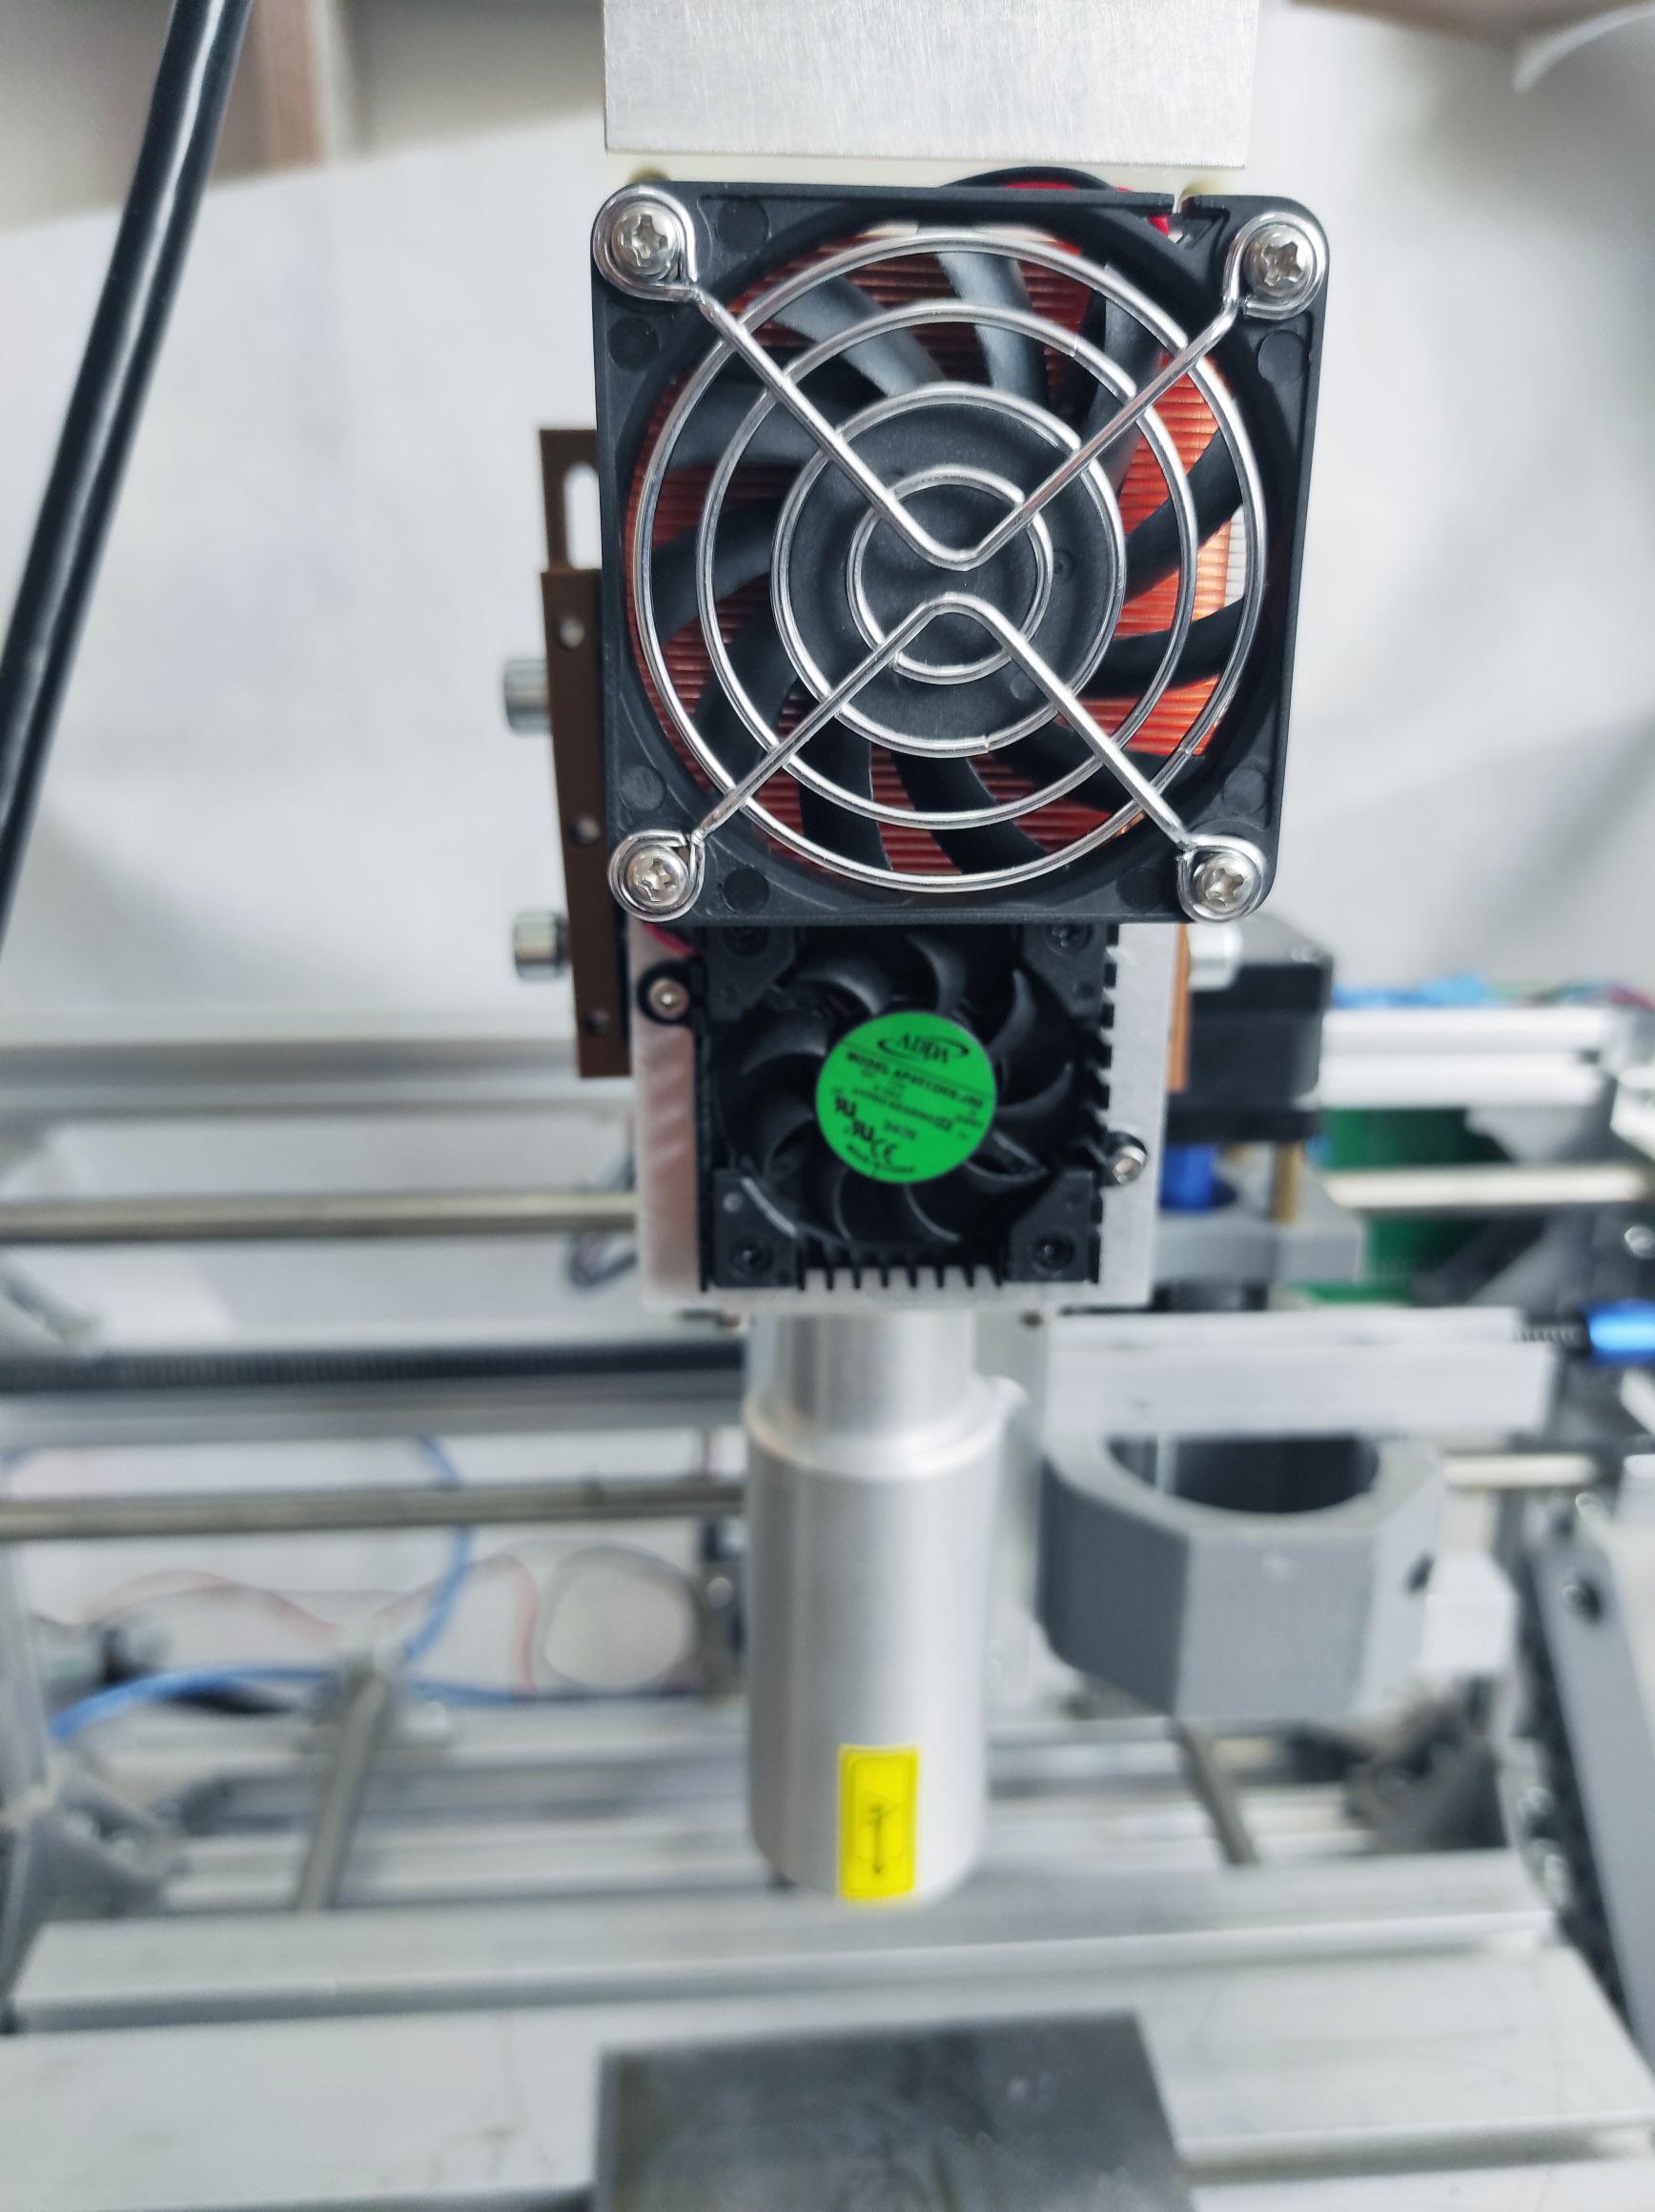 An Endurance 532 nm impulse DPSS laser module